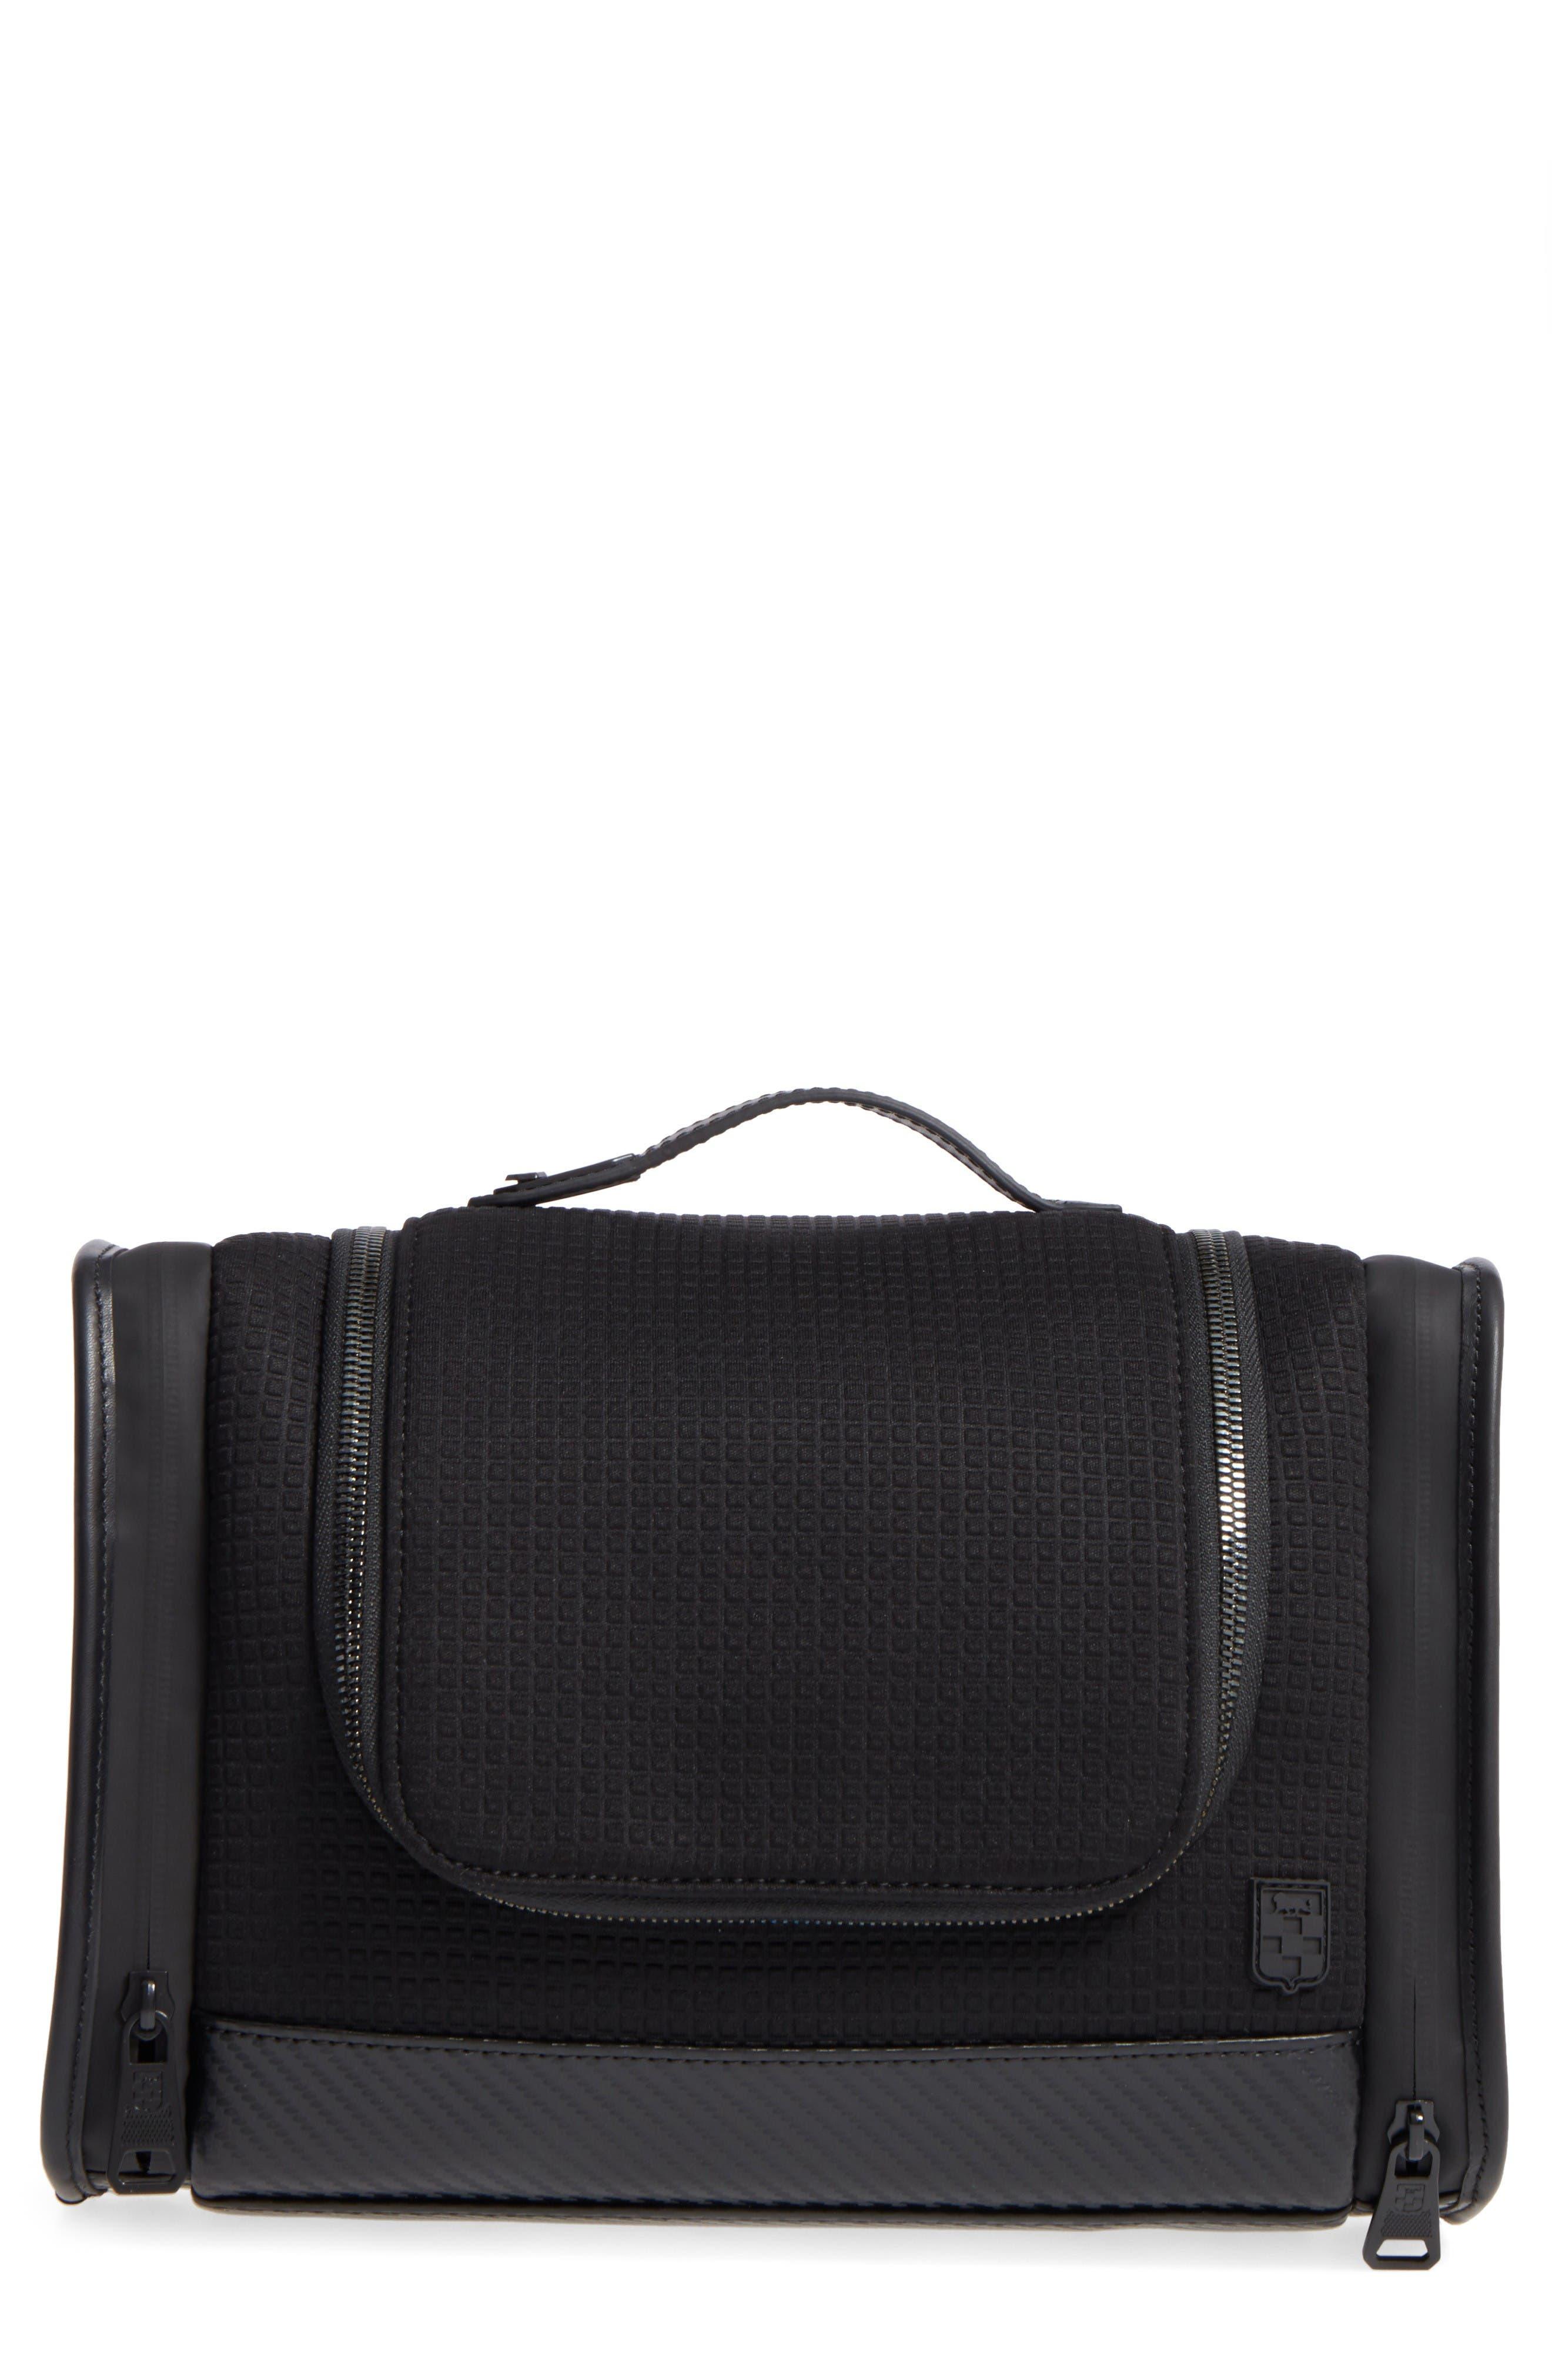 Wafa Travel Kit,                         Main,                         color, Black/ Black/ Black